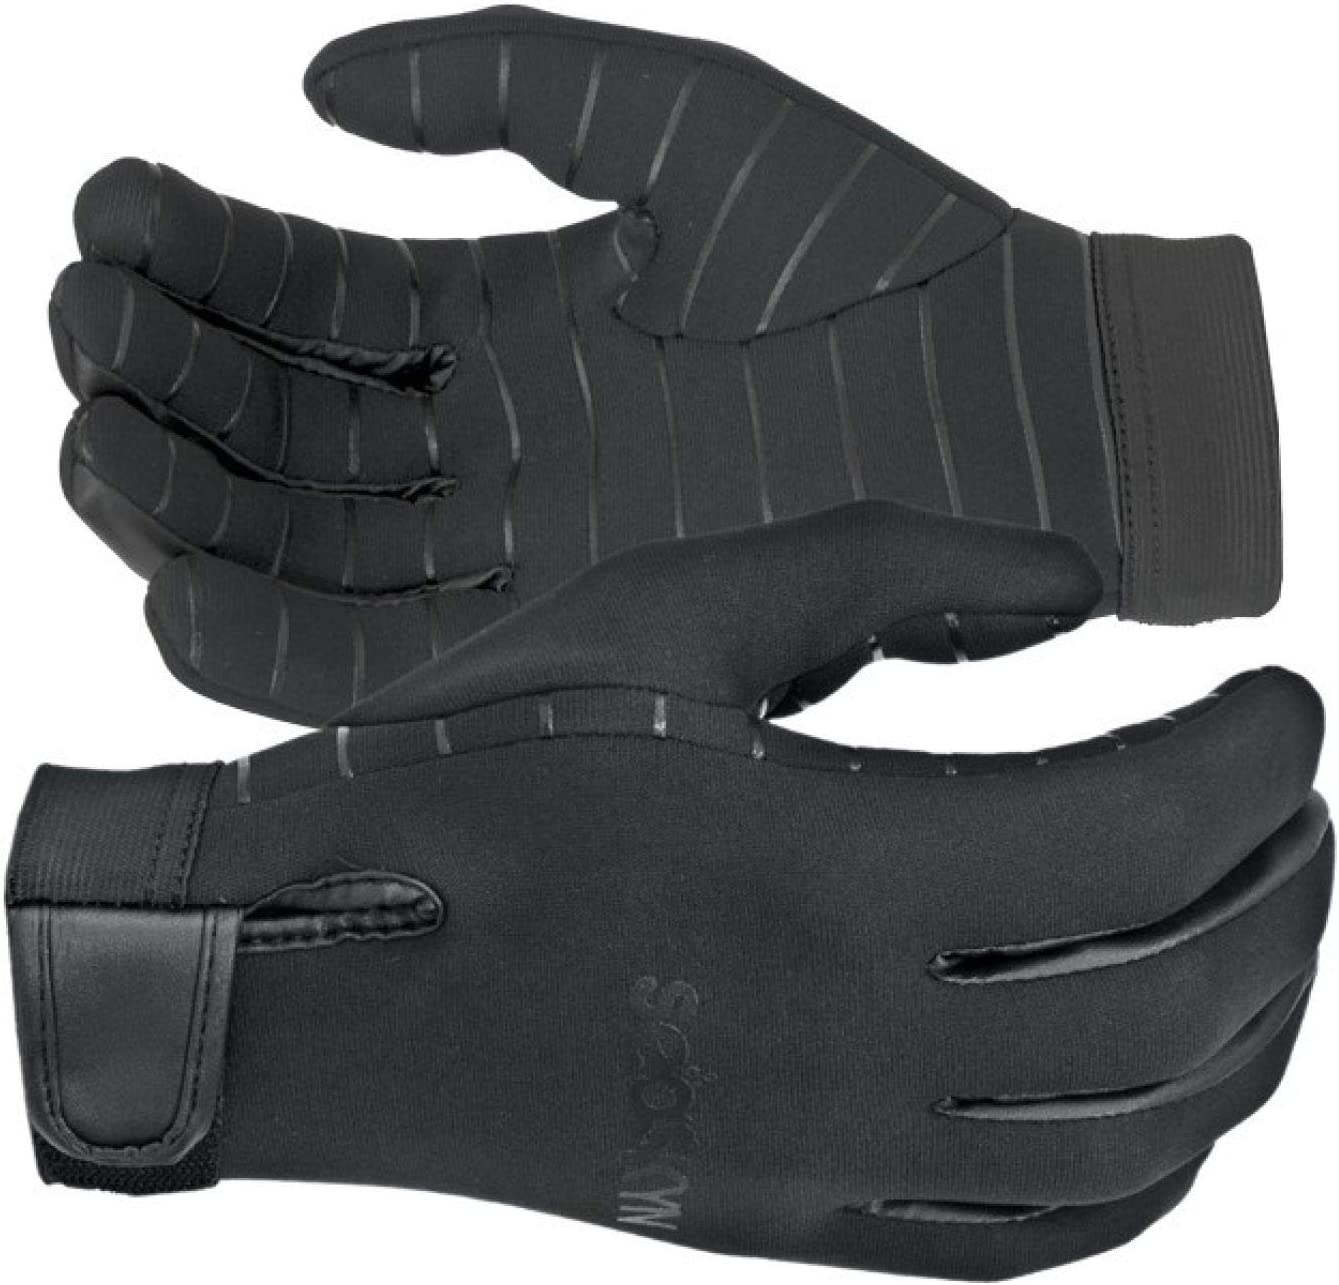 unisex Seasoft Seaskyn 1.5mm Sales results No. 1 Rubberized Grip Warm Gloves Water